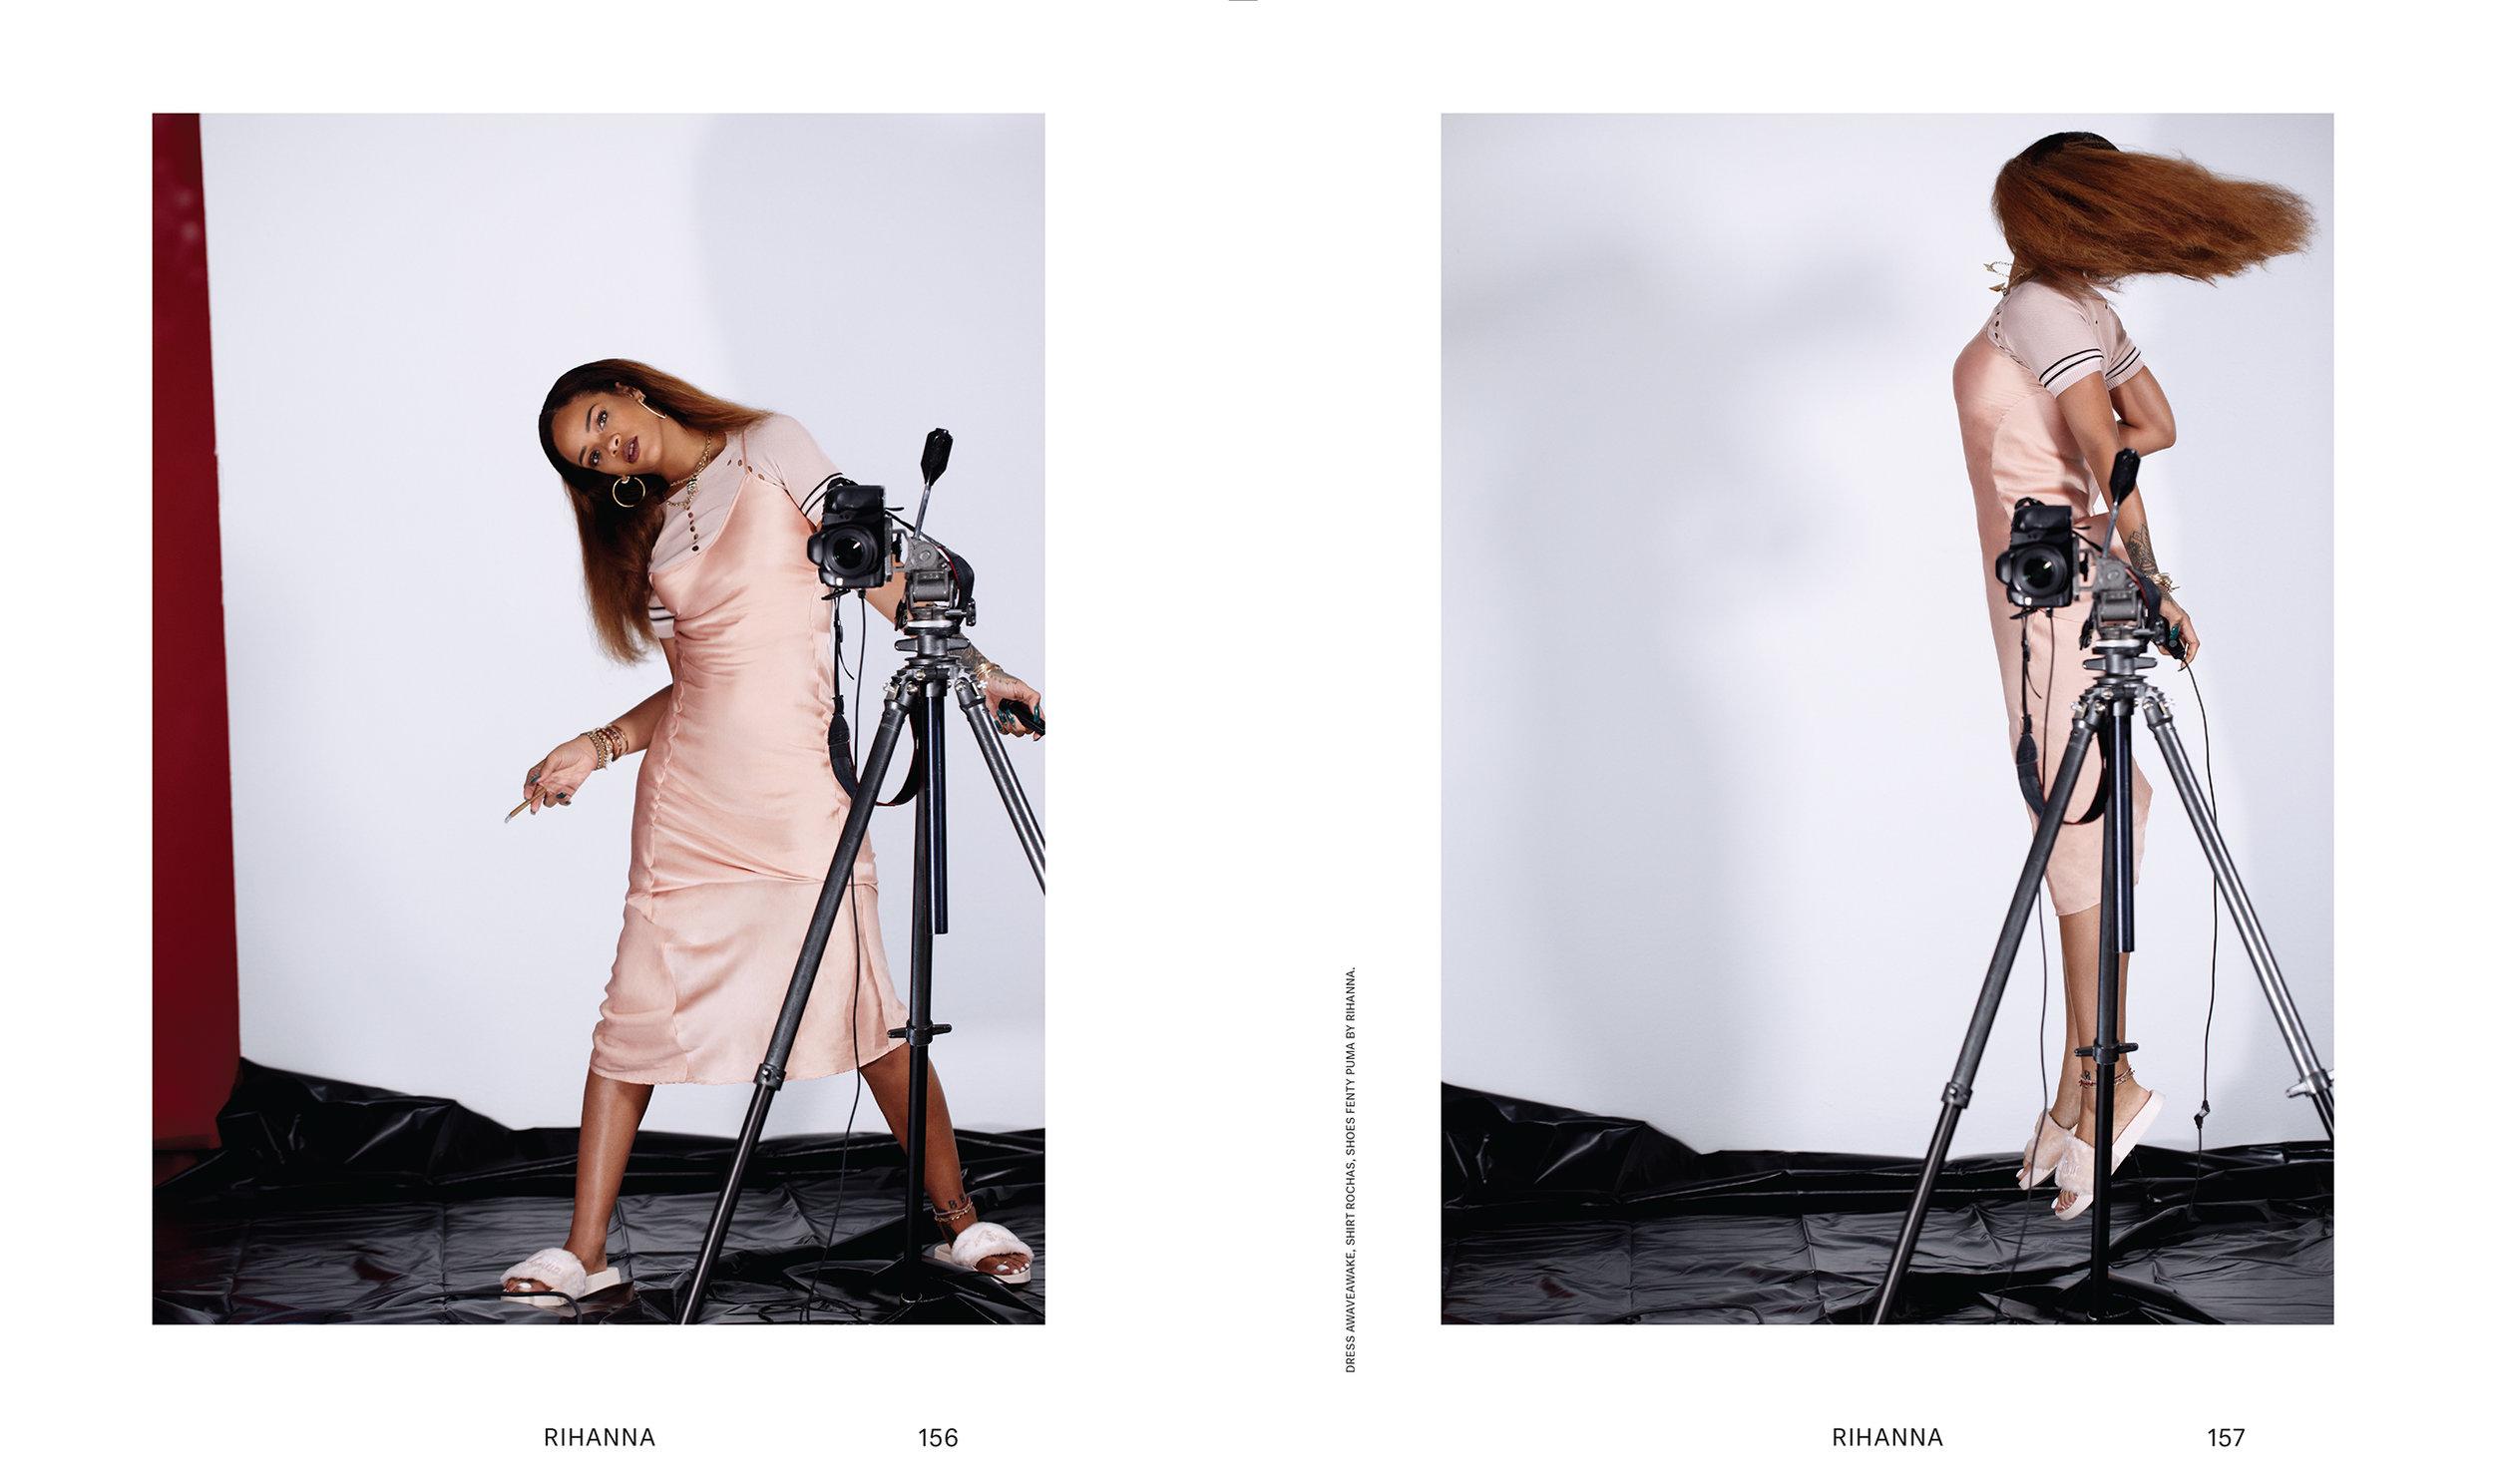 Rihanna (self portrait)   Photo Direction  Photographer: Rihanna x Renata Raksha  Fashion: Shibon Kennedy  For the FADER 2015